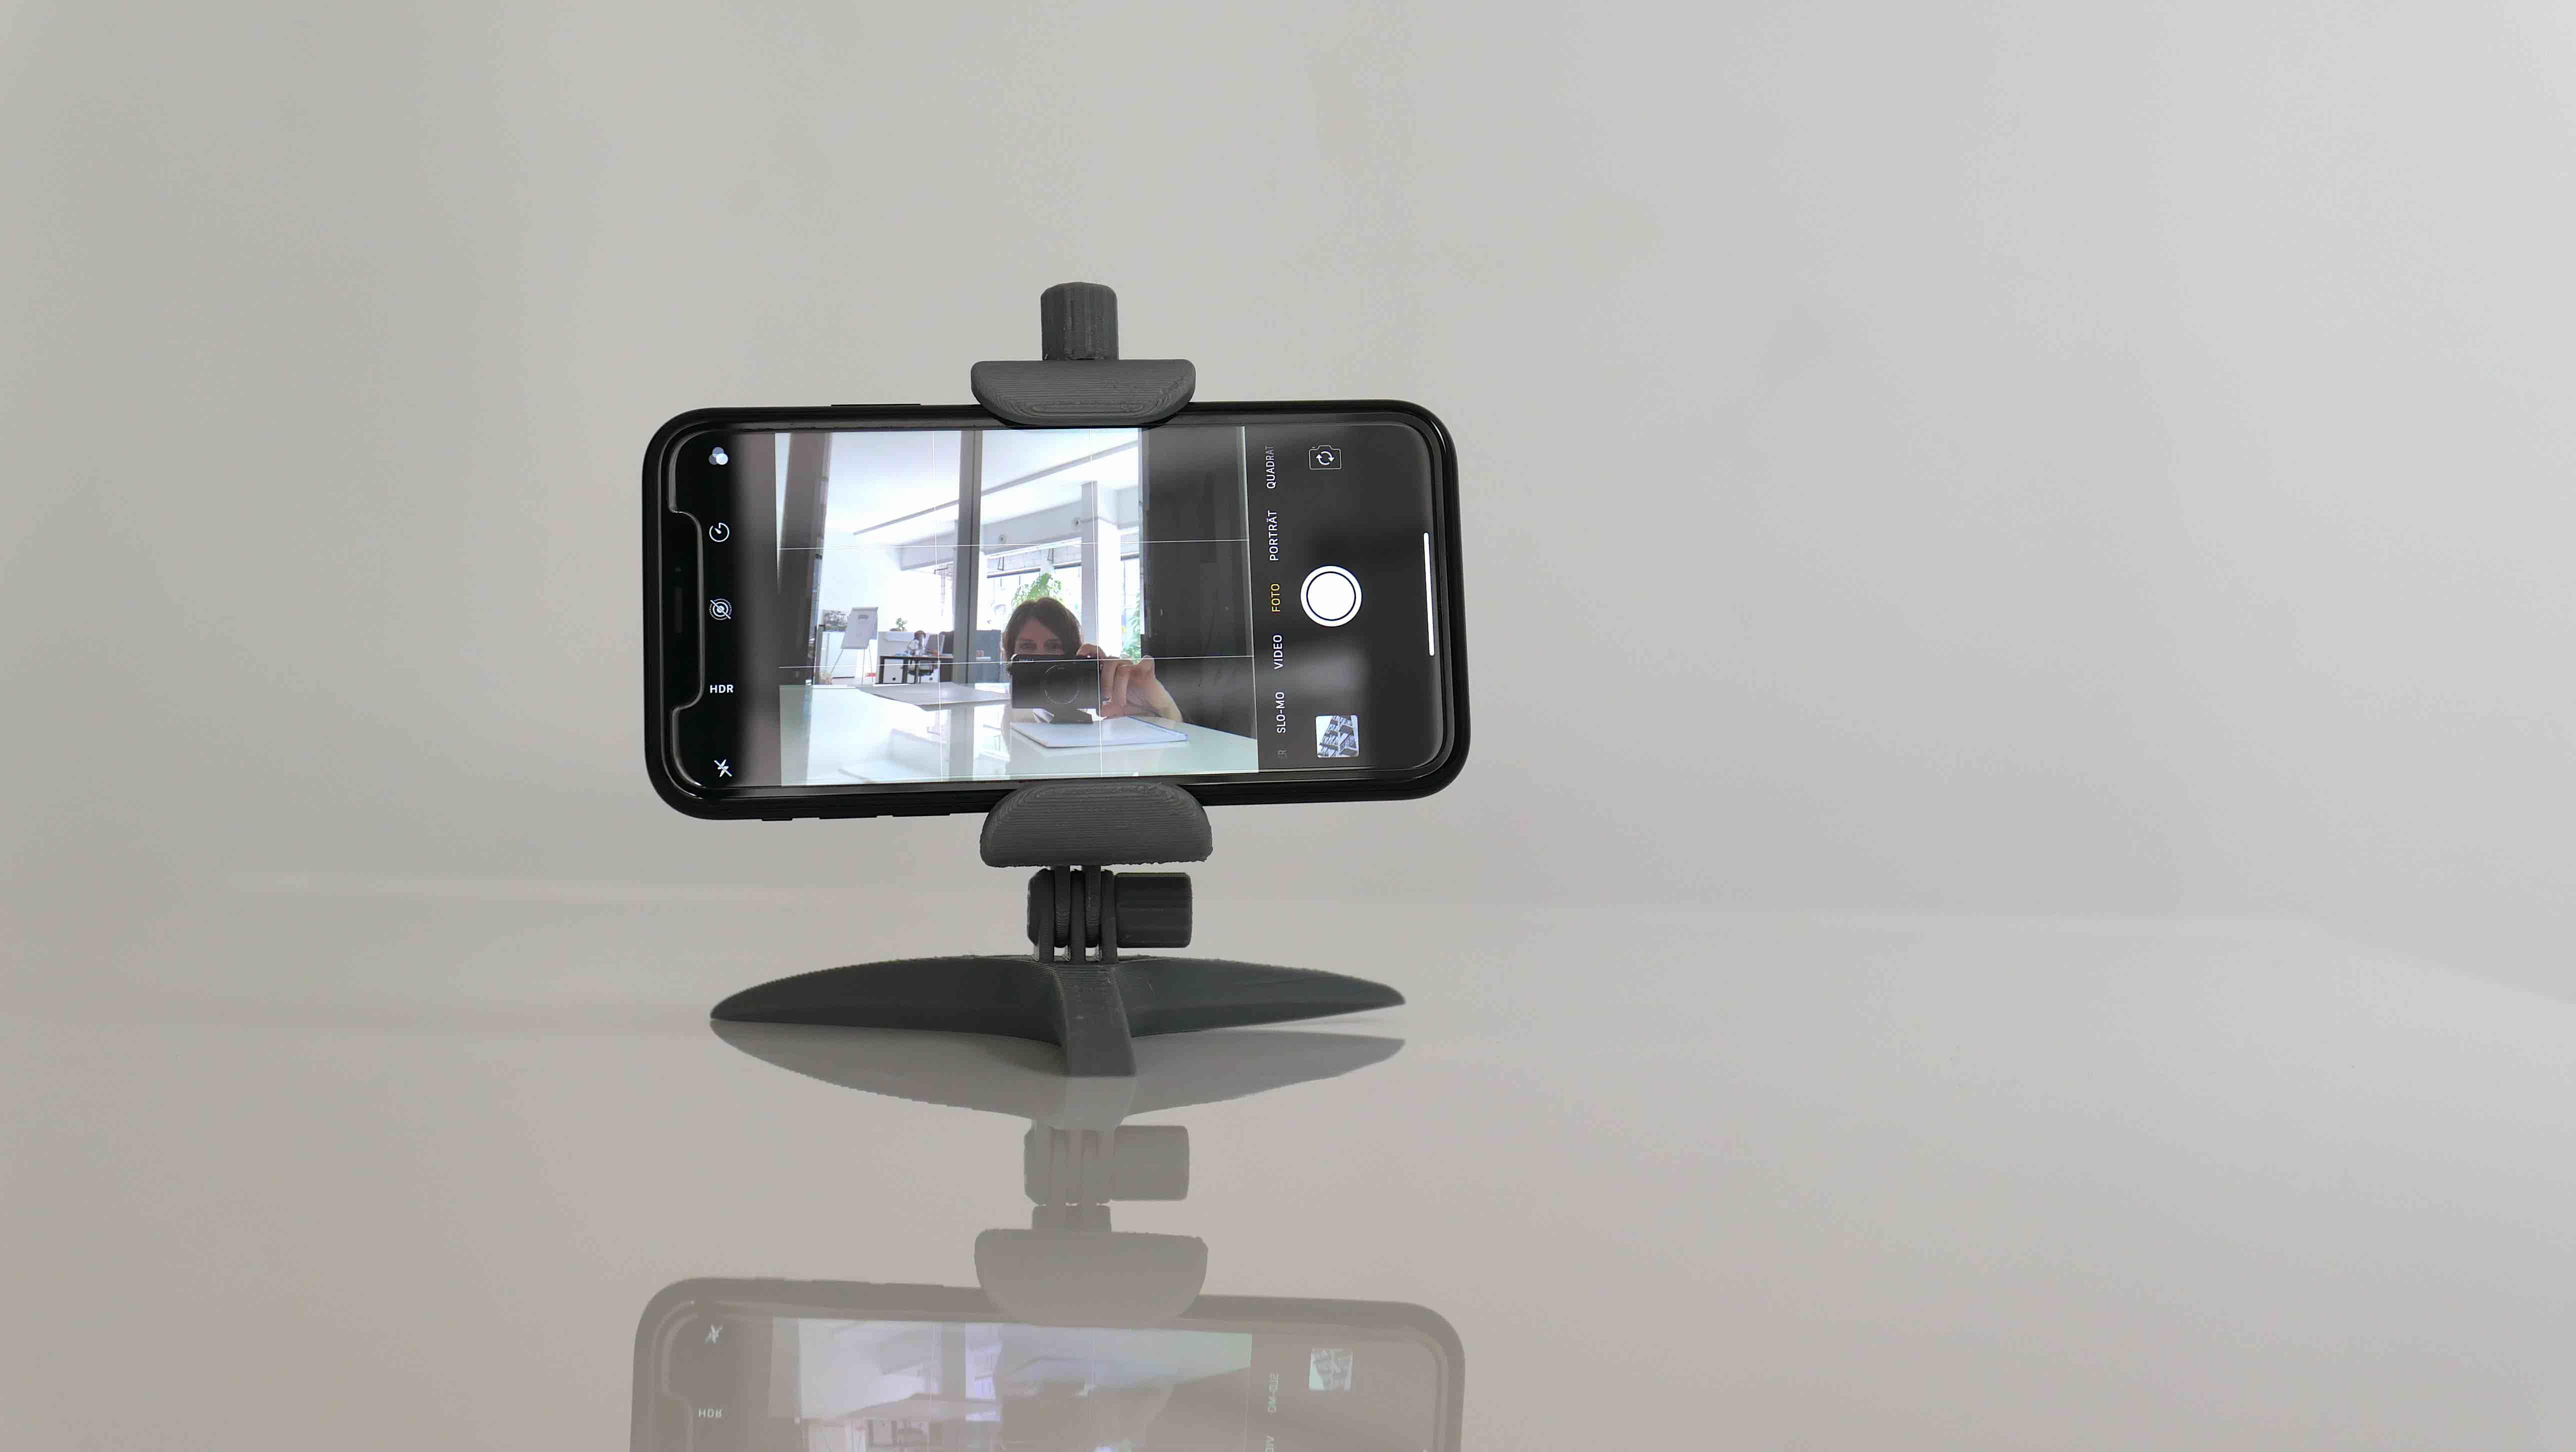 Ansicht von vorn mit Telefon und Kamera